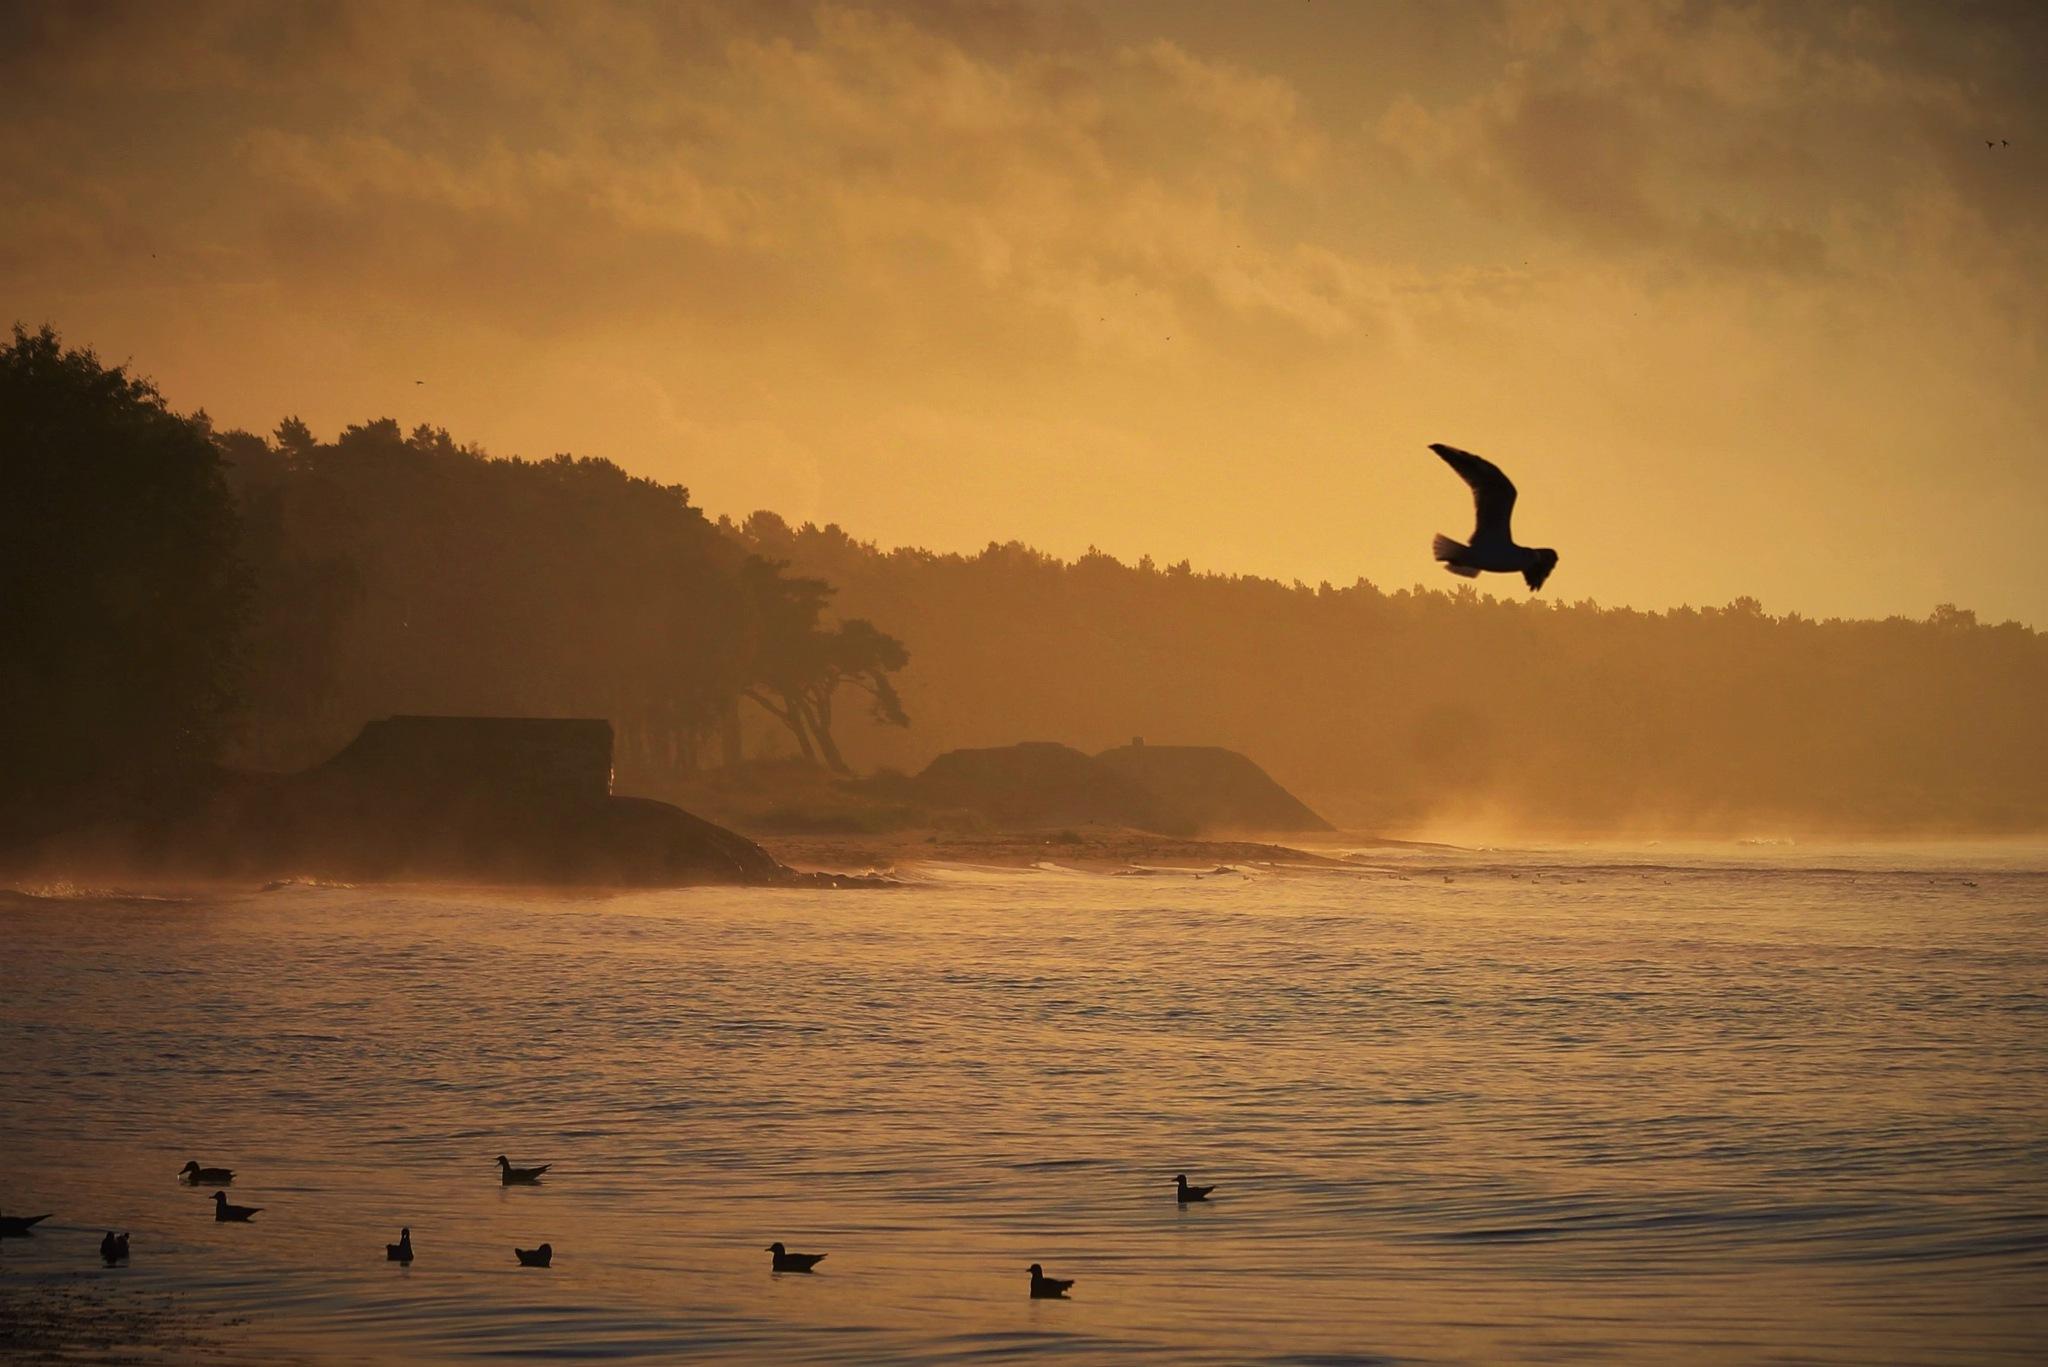 Septembermorning at Beach. by KerstinP.